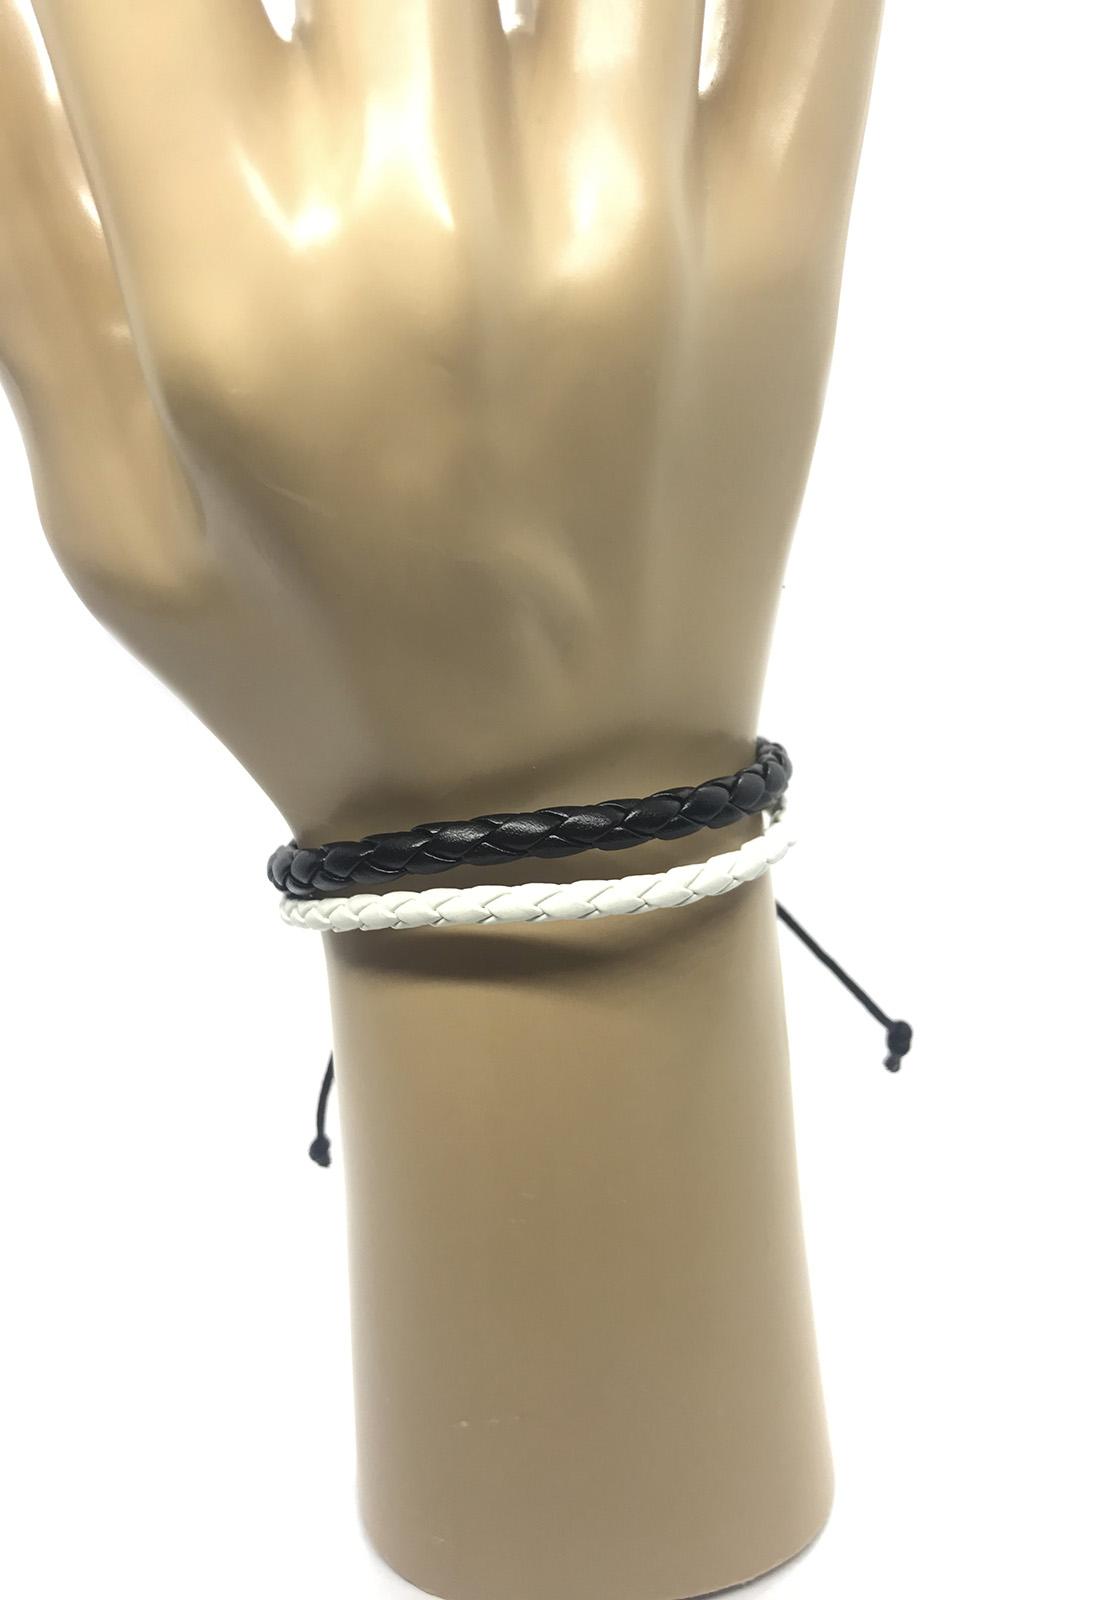 Pulseira Ajustável de Couro e Cordas Trançado Preto e Branco